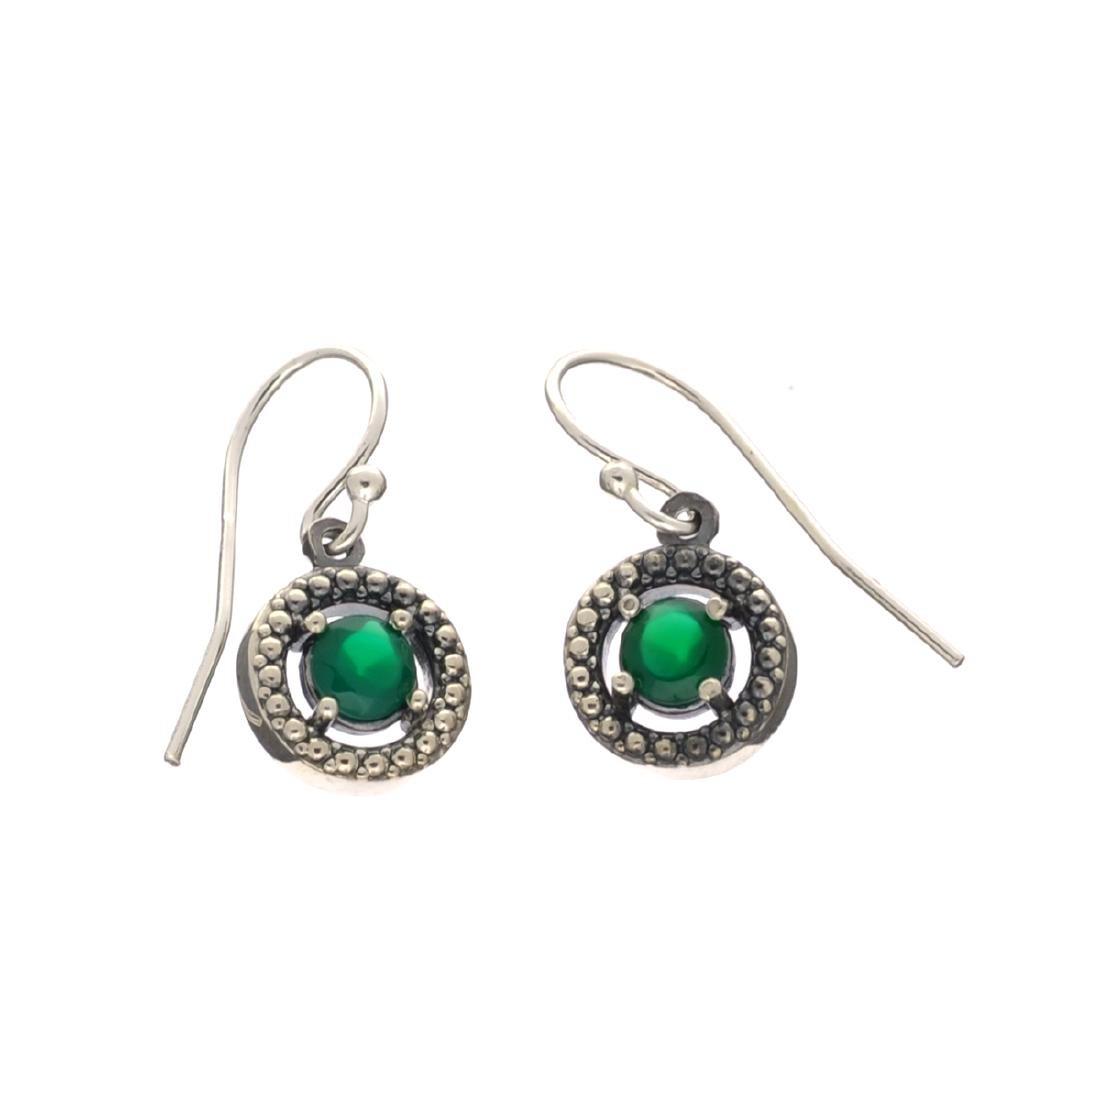 Rare Designer Sebastian Vintage, Emerald And Sterling